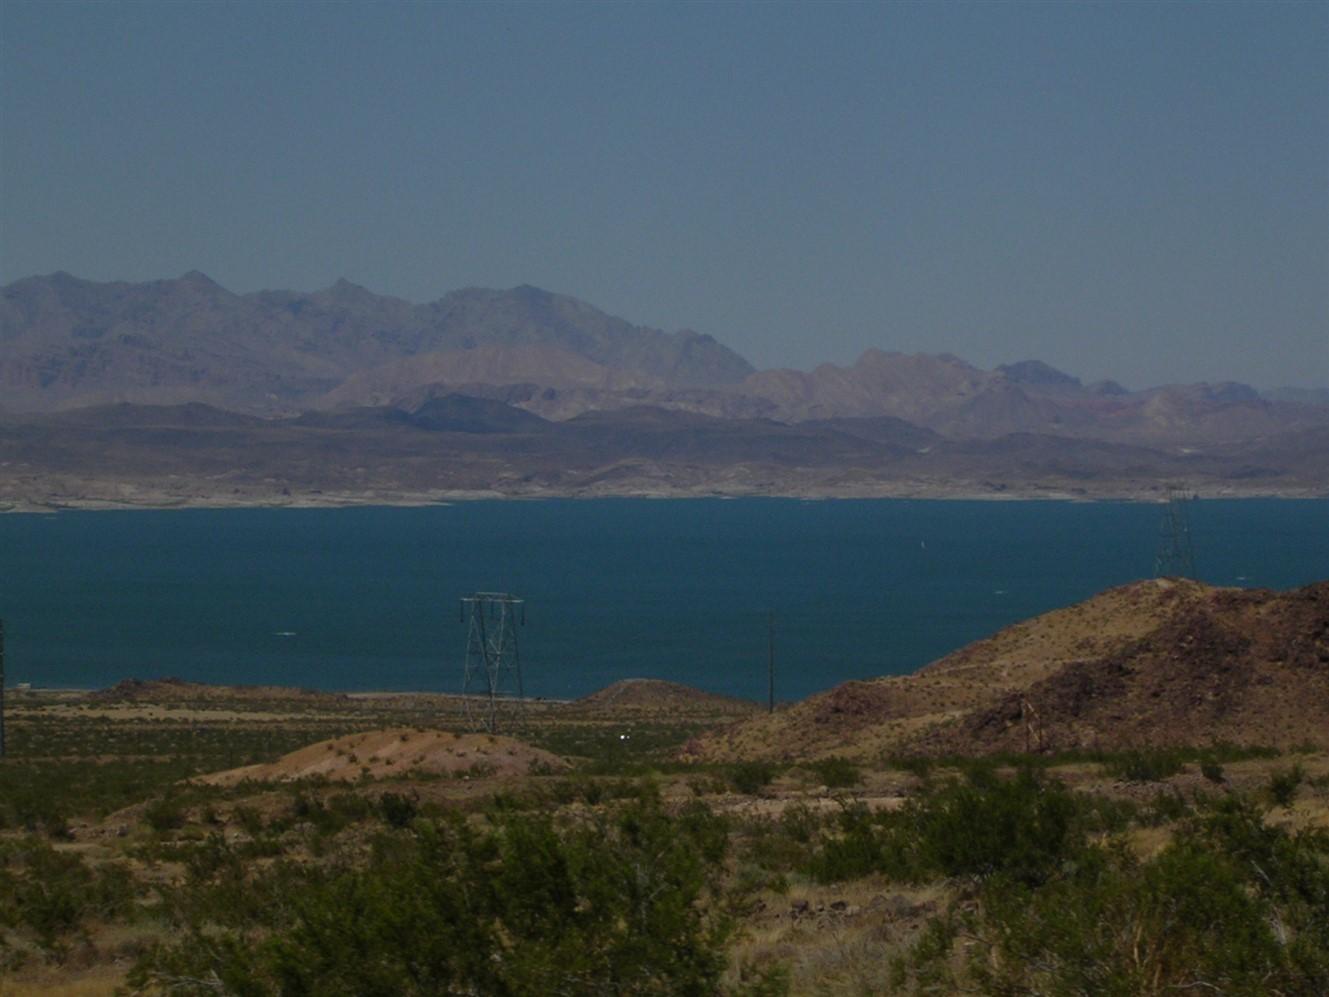 2005 06 27 Hoover Dam 65.jpg